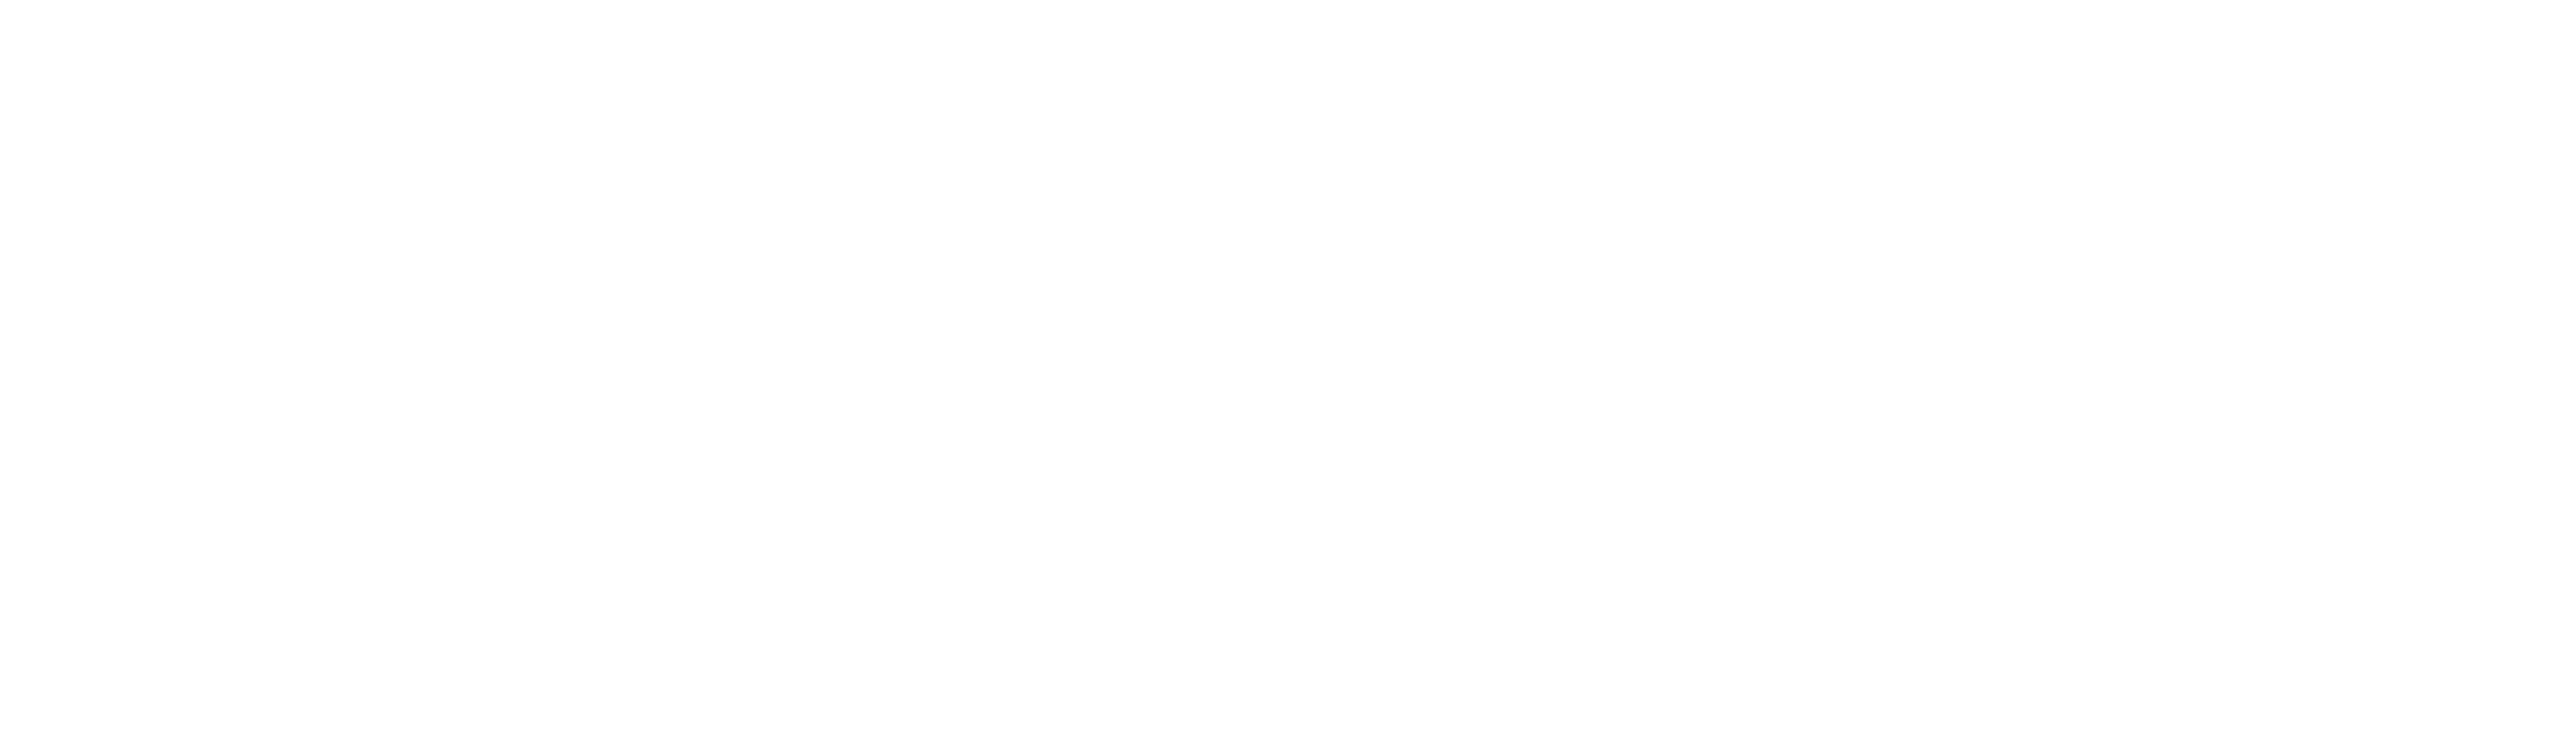 Migliaccio & Rathod LLP